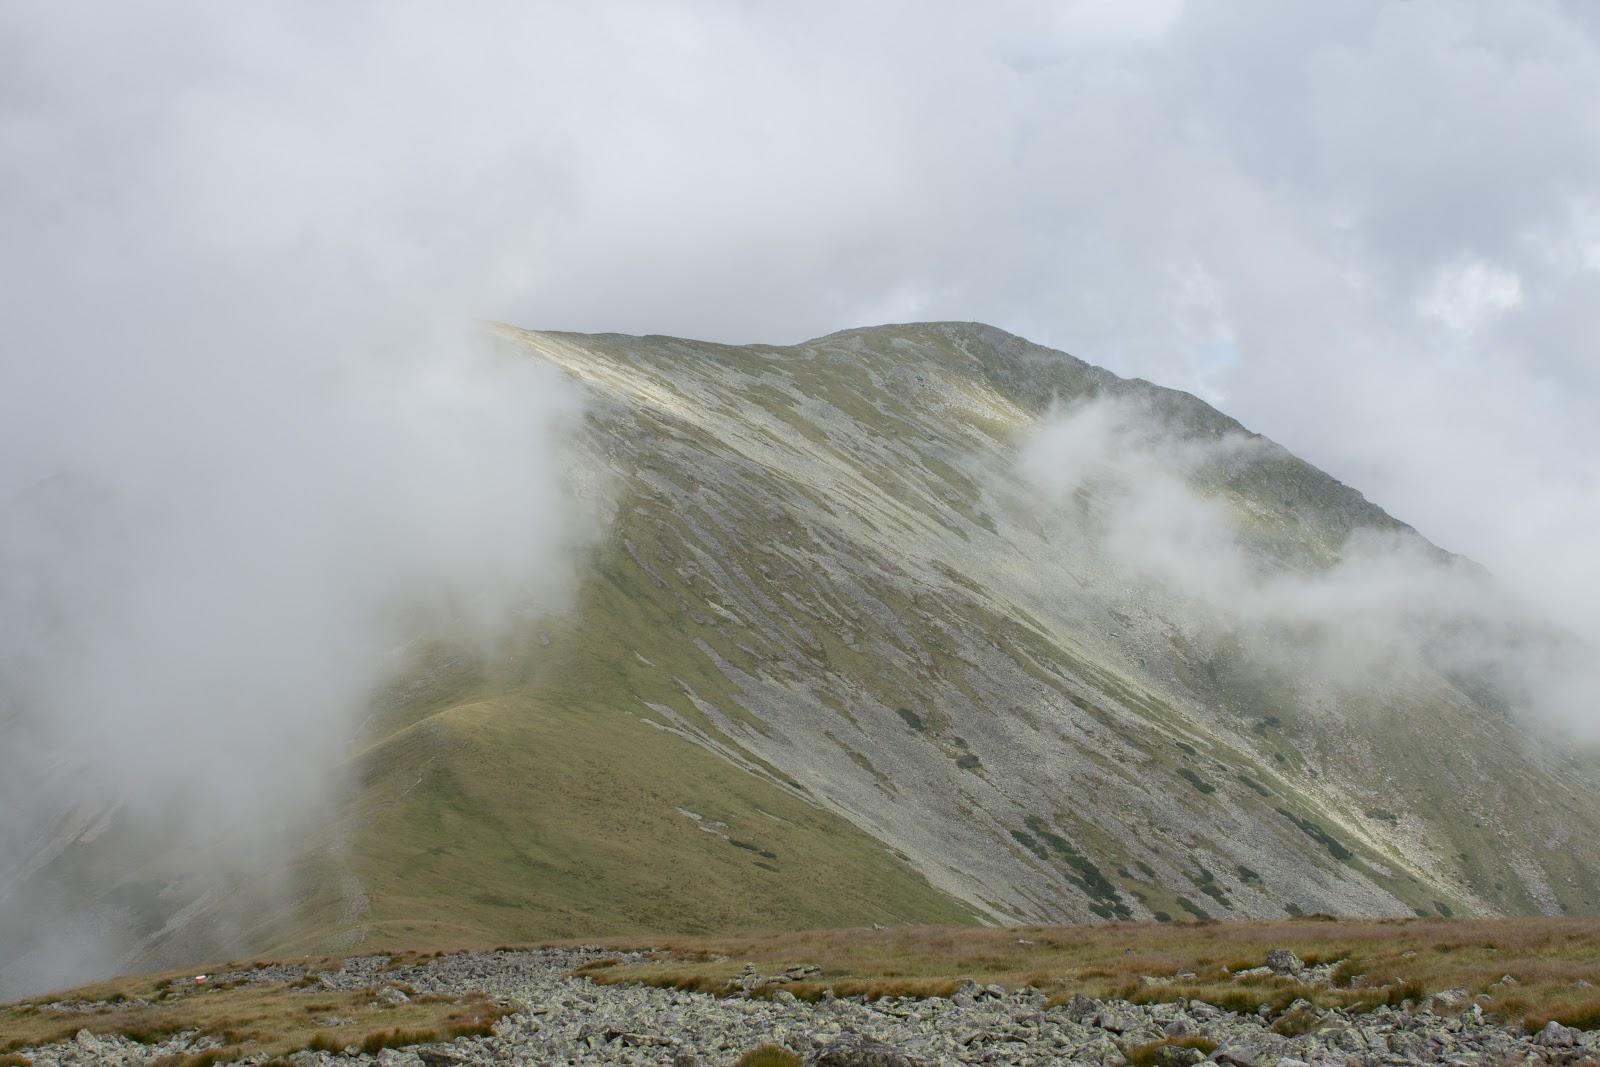 Wanderung vom Ingeringgraben über den Schmähhausrücken auf den Hochreichart. - Nebel am Gipfel